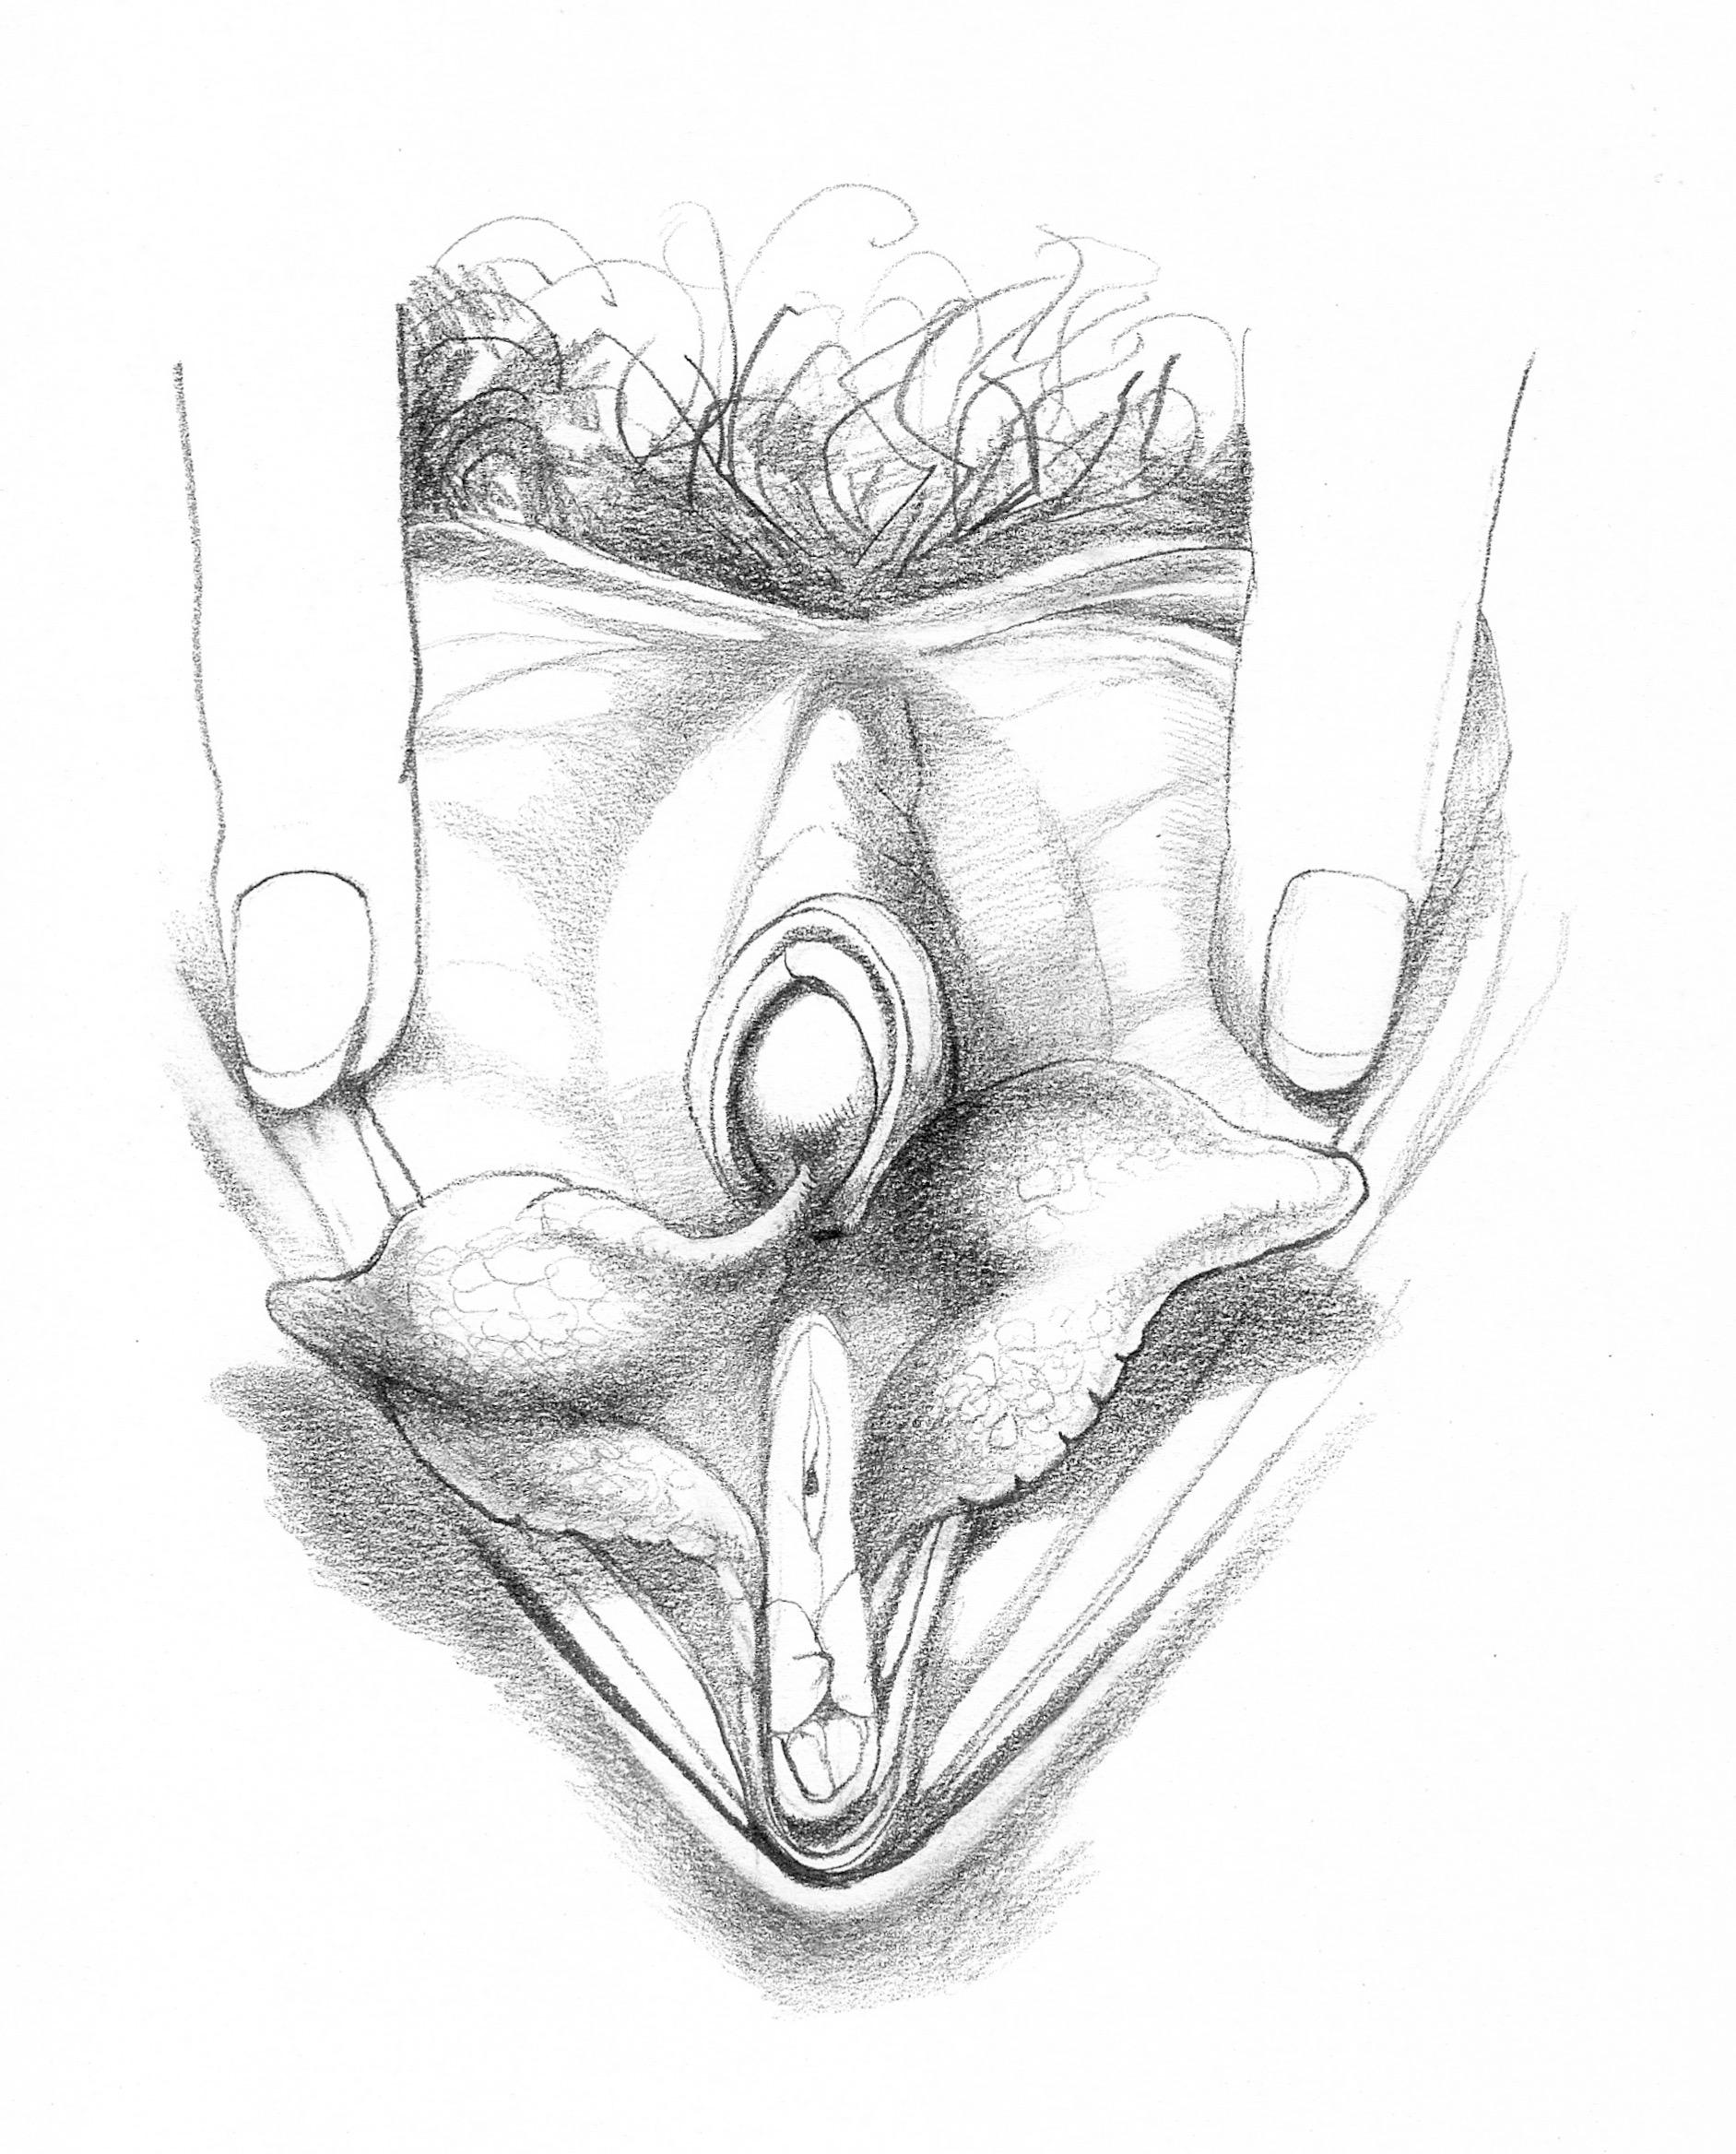 влагалище подробный рисунок - 3